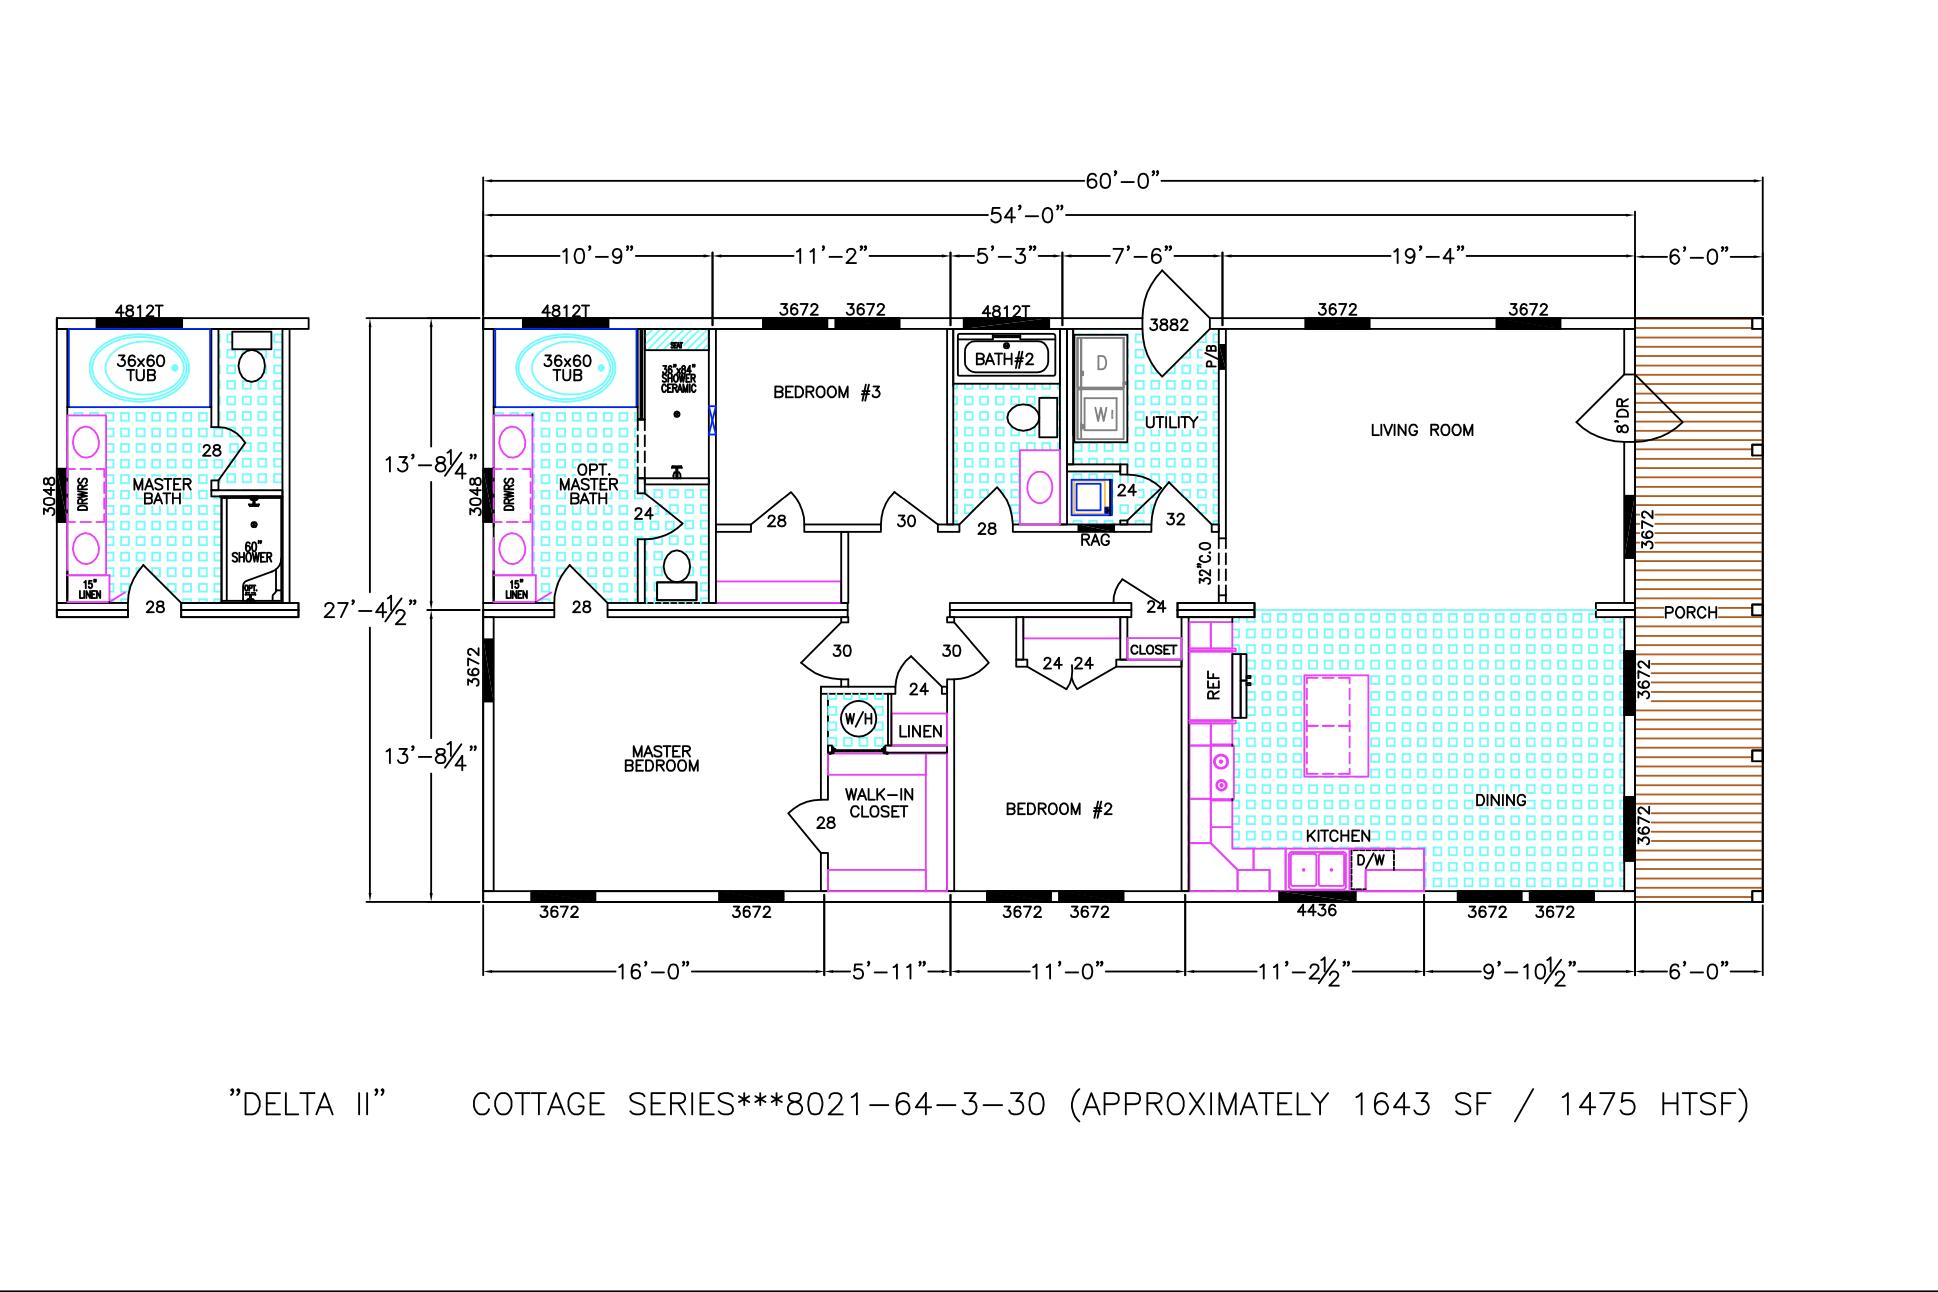 The Delta II Floorplan